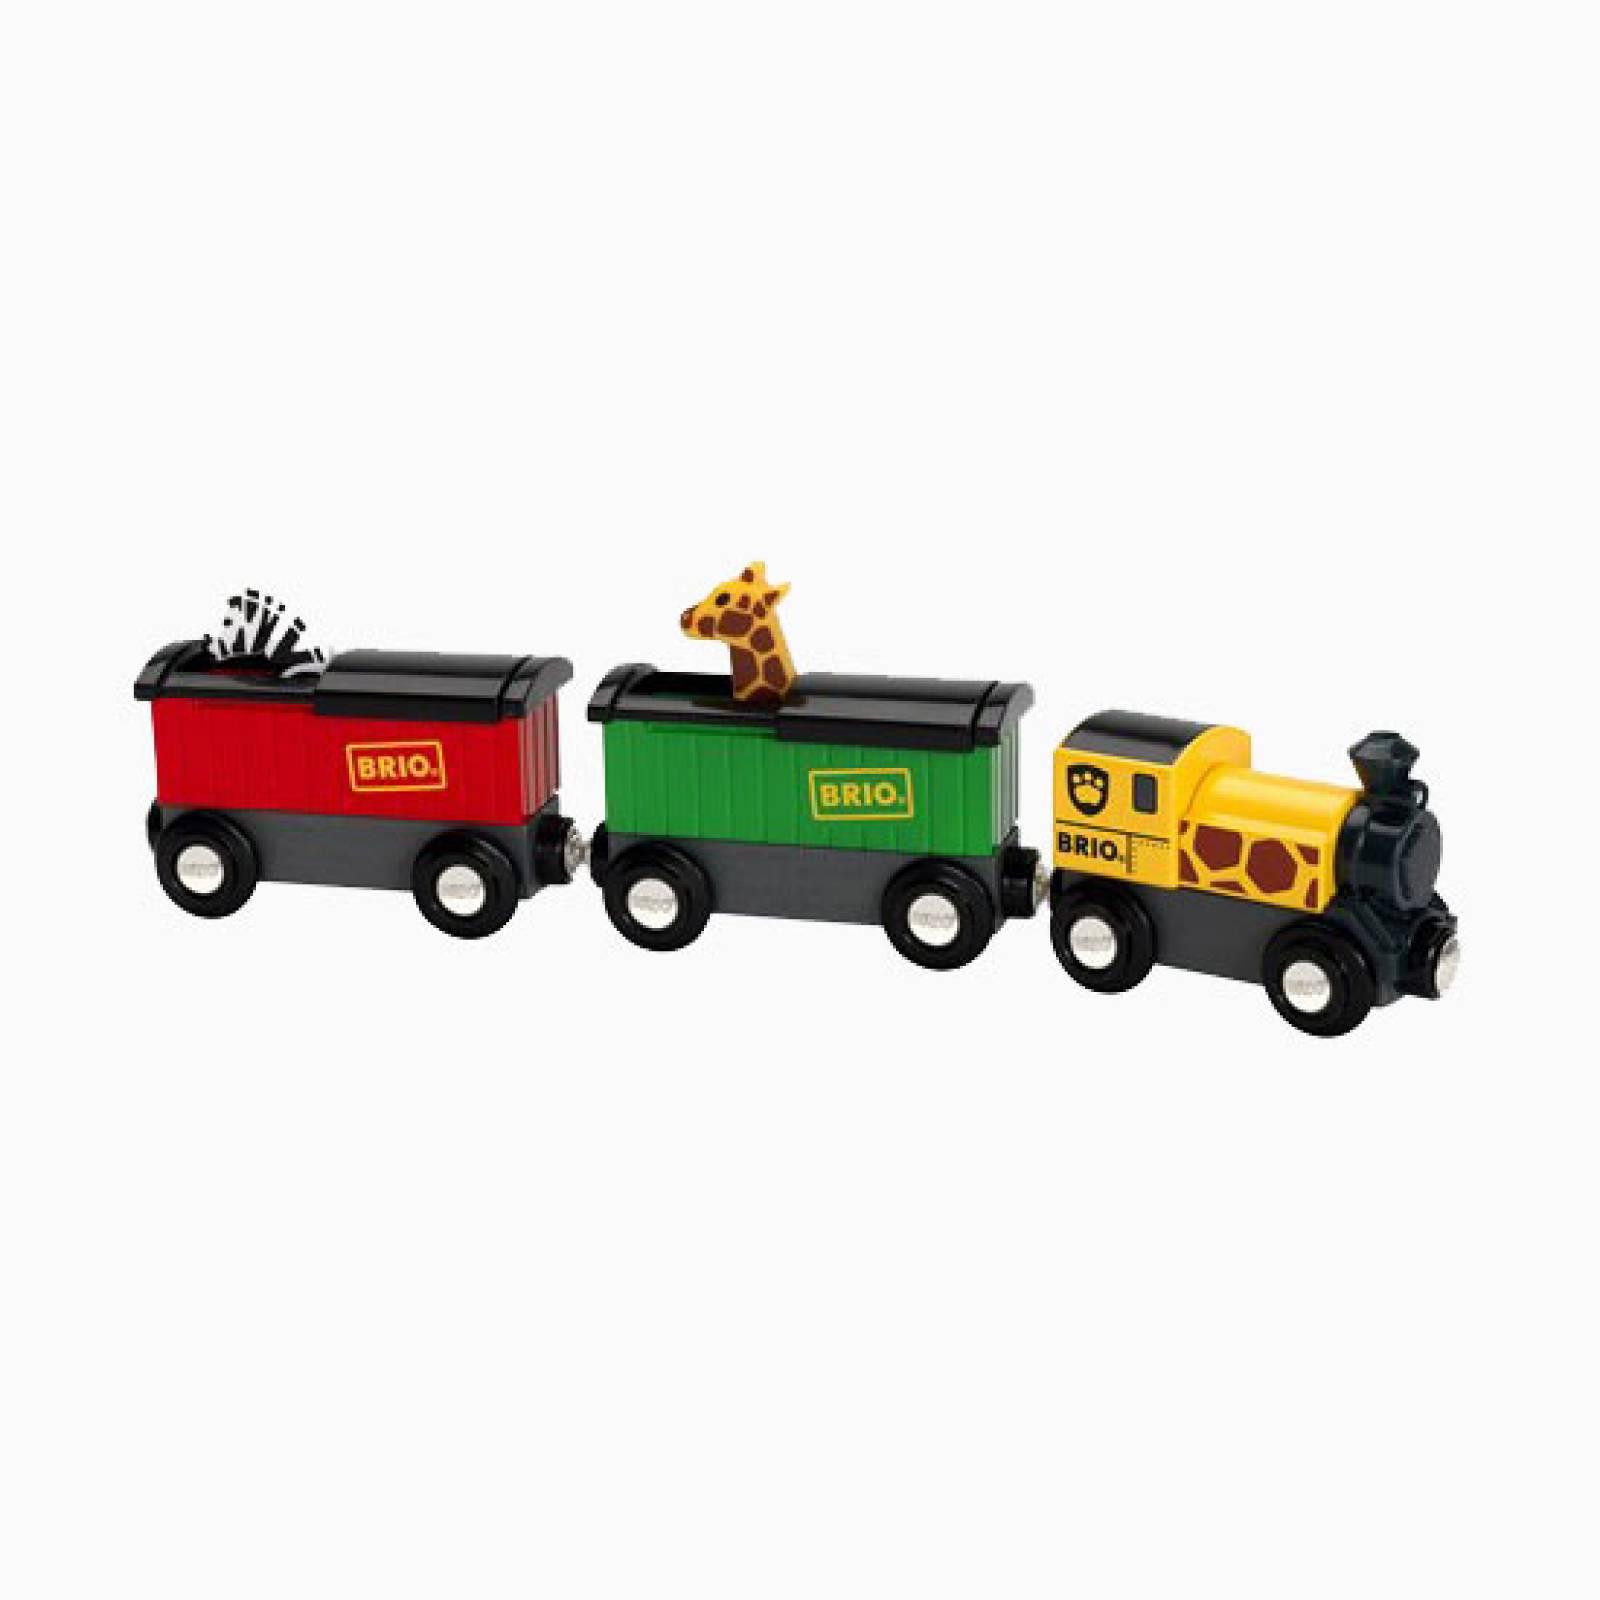 Safari Train BRIO Wooden Railway Age 3+